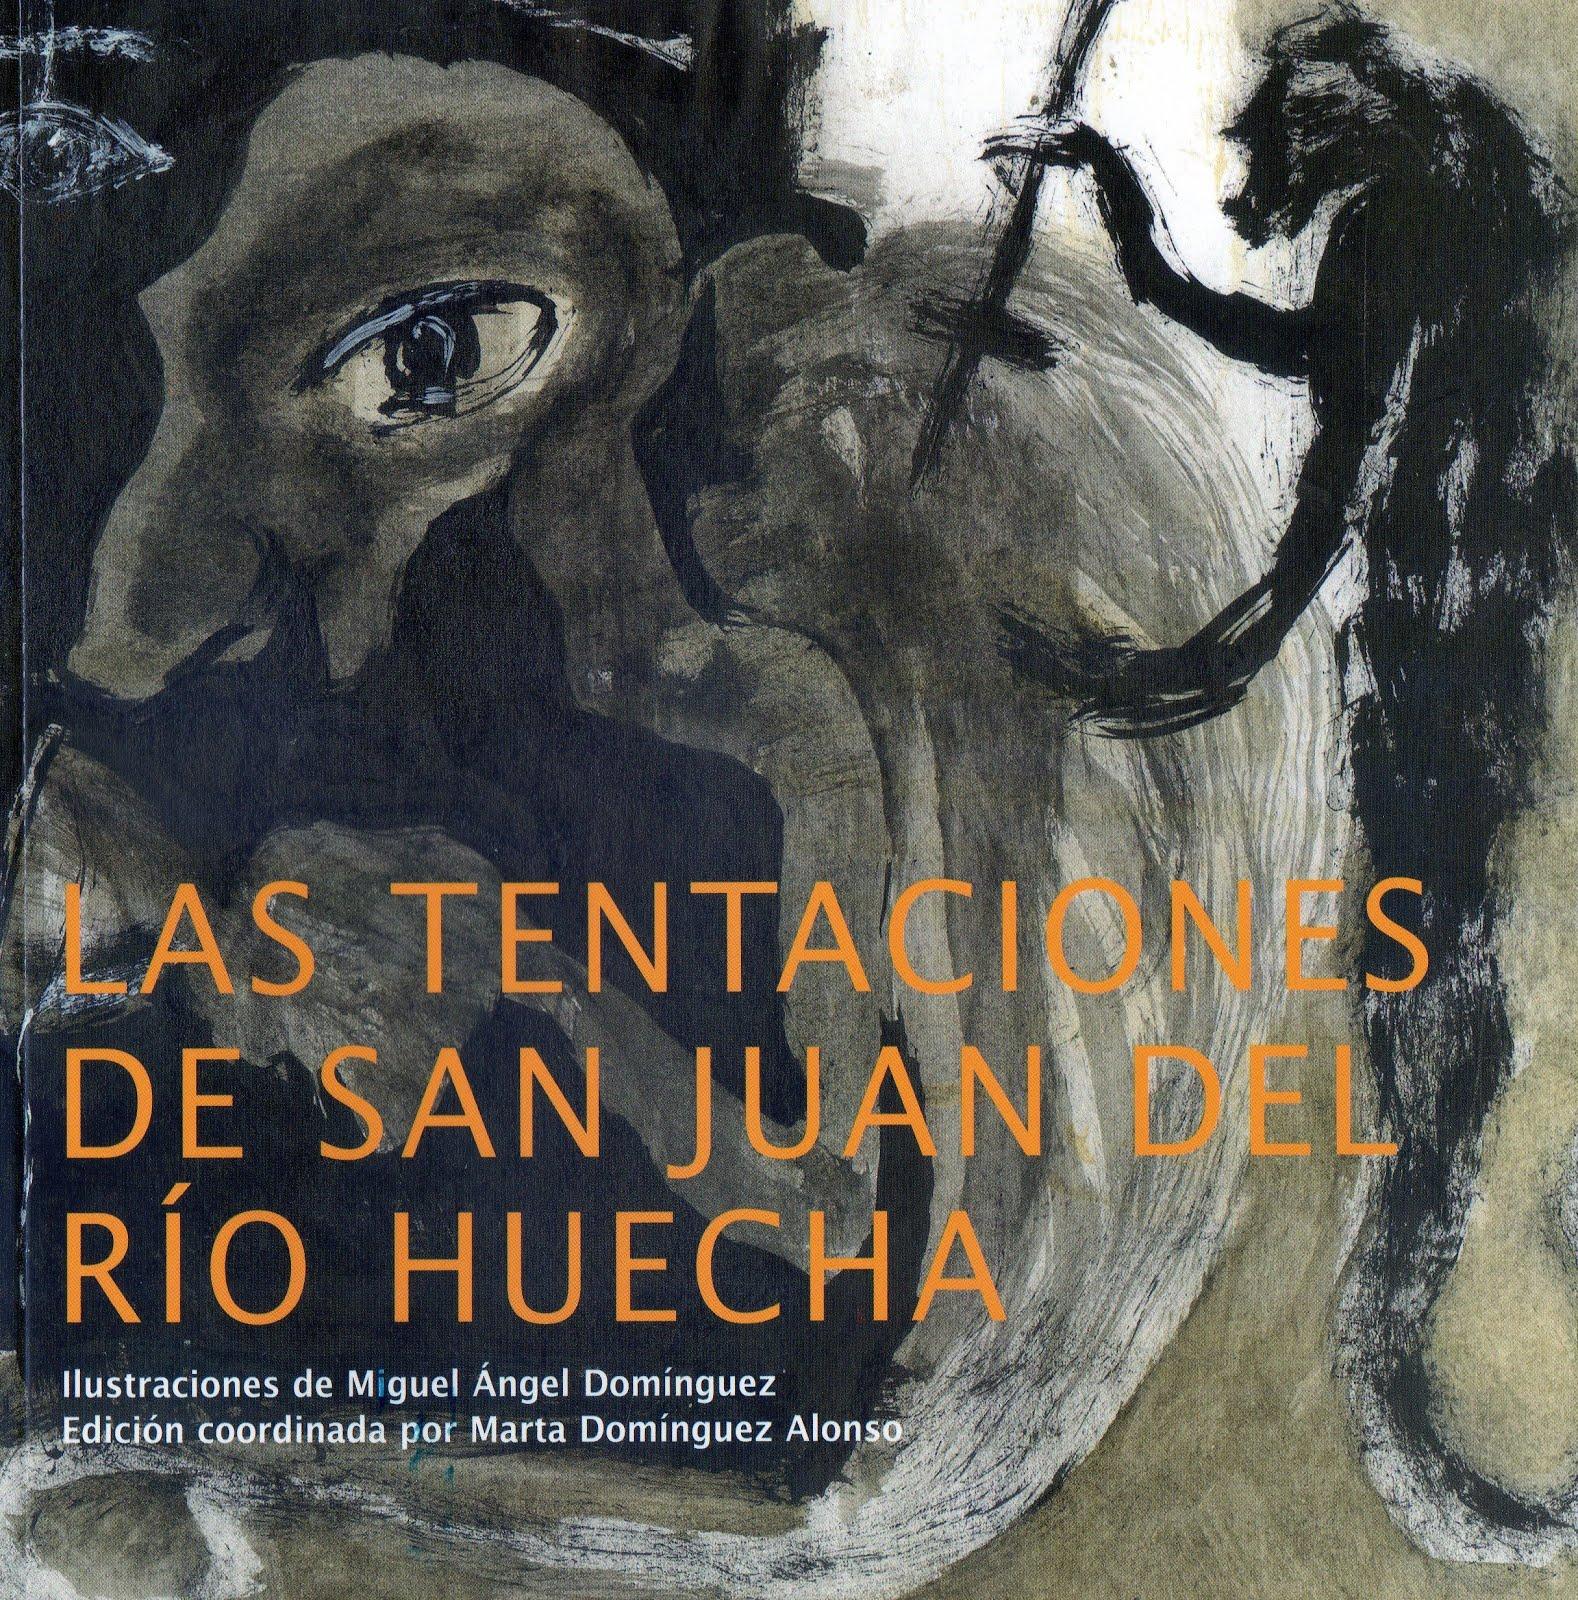 Las Tentaciones de San Juan del Río Huecha